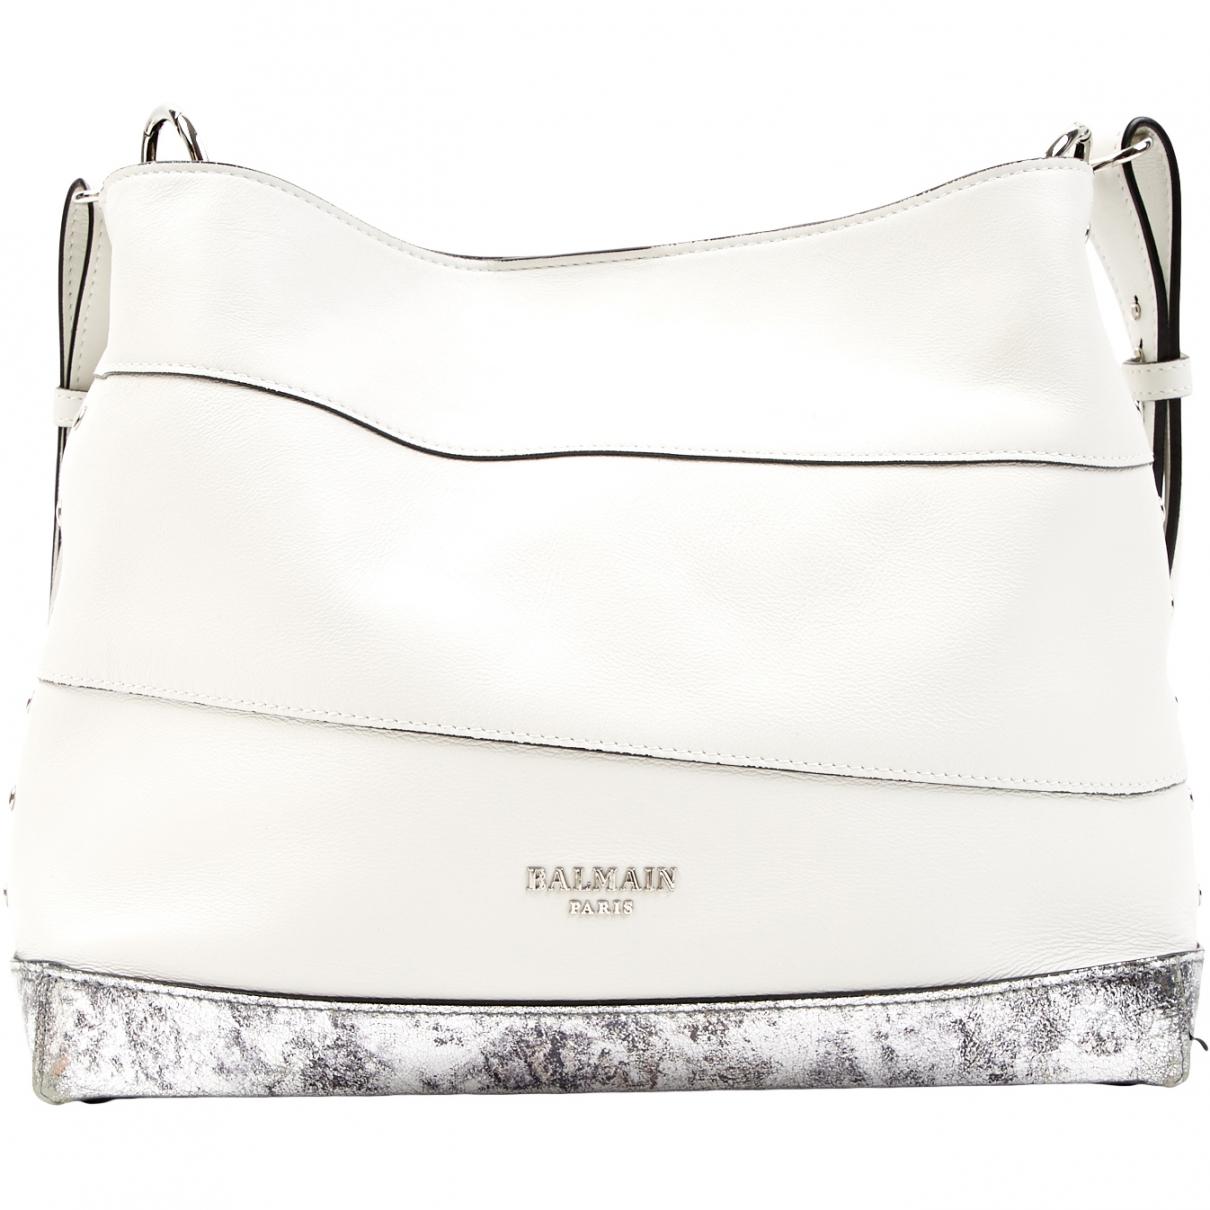 Balmain \N White Leather handbag for Women \N